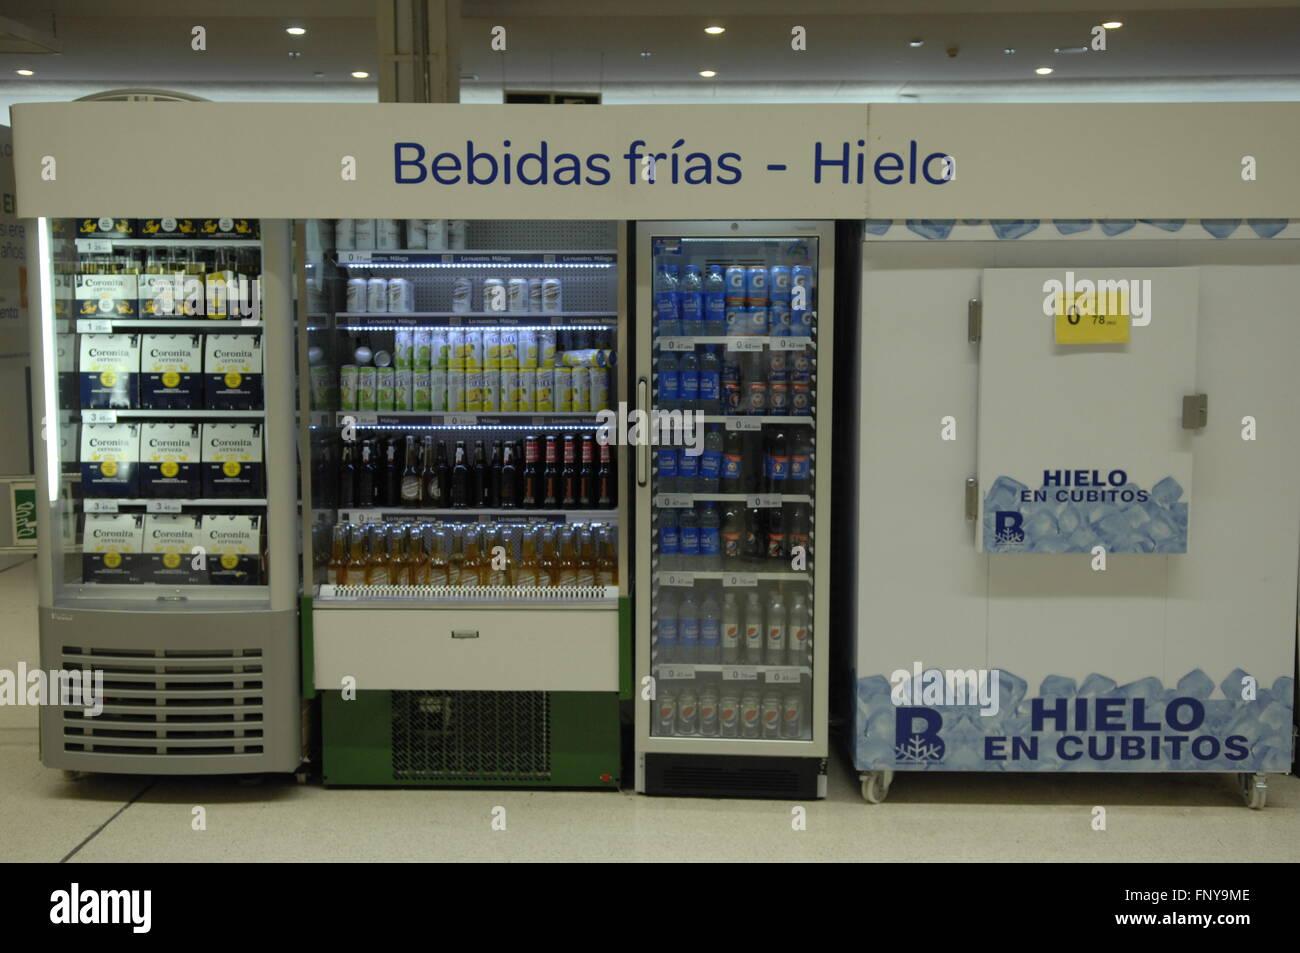 Kühlschrank Getränke : Kühlschrank im carrefour supermarkt für getränke und eisspeicher